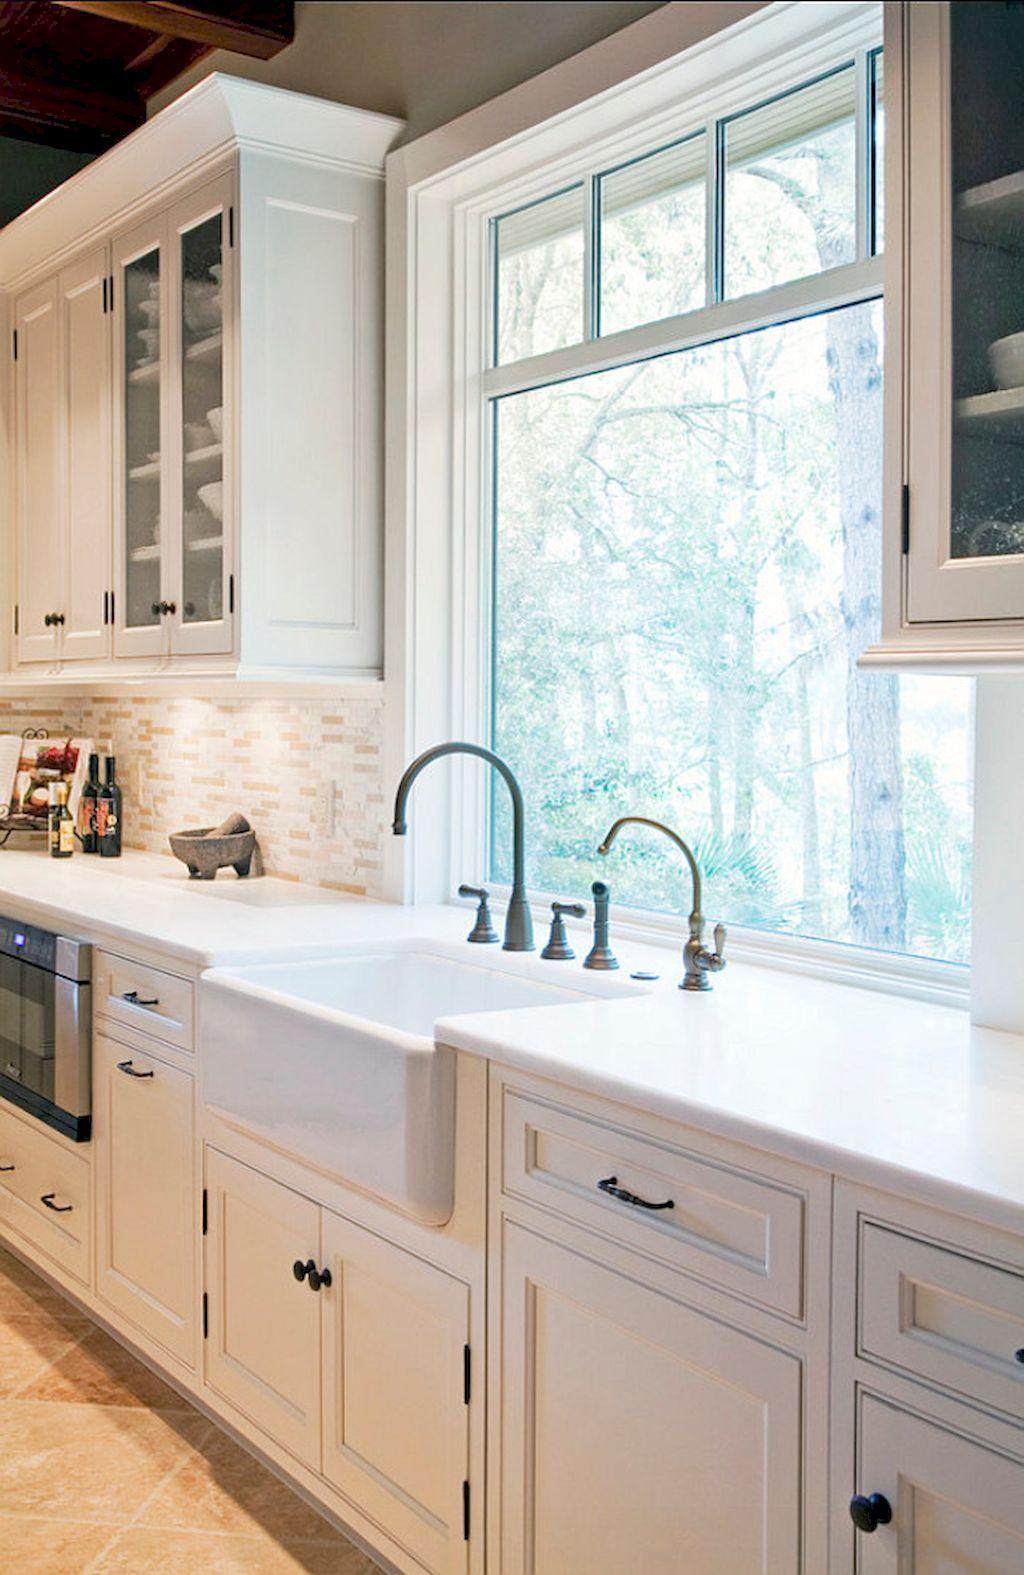 31 Modern Farmhouse Kitchen Decor Ideas